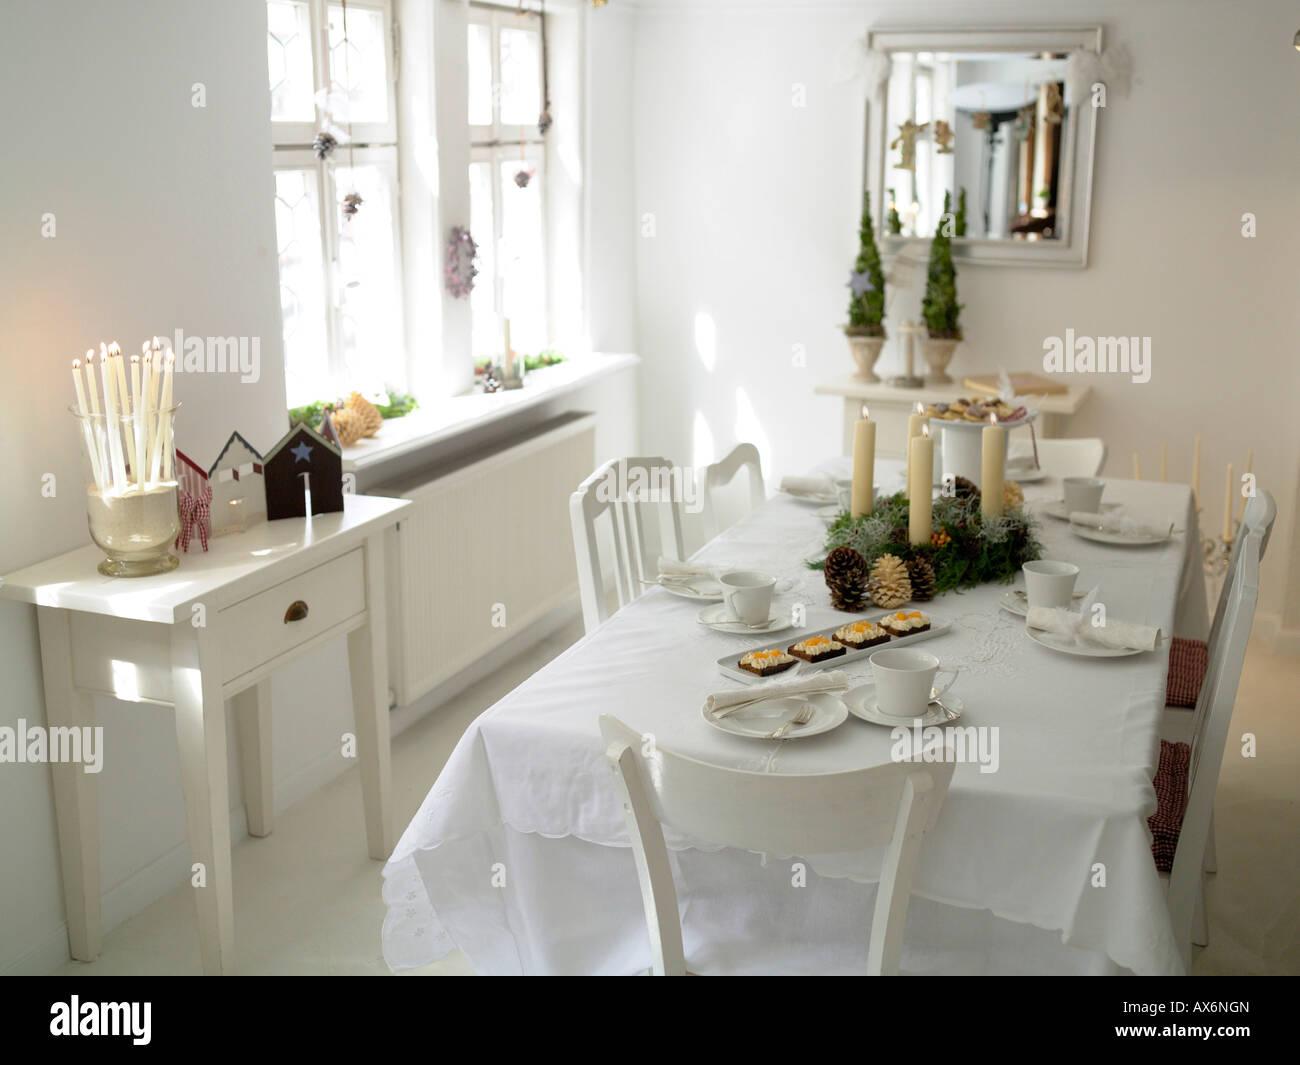 Torte con candele accese e pigne sul tavolo da pranzo Immagini Stock